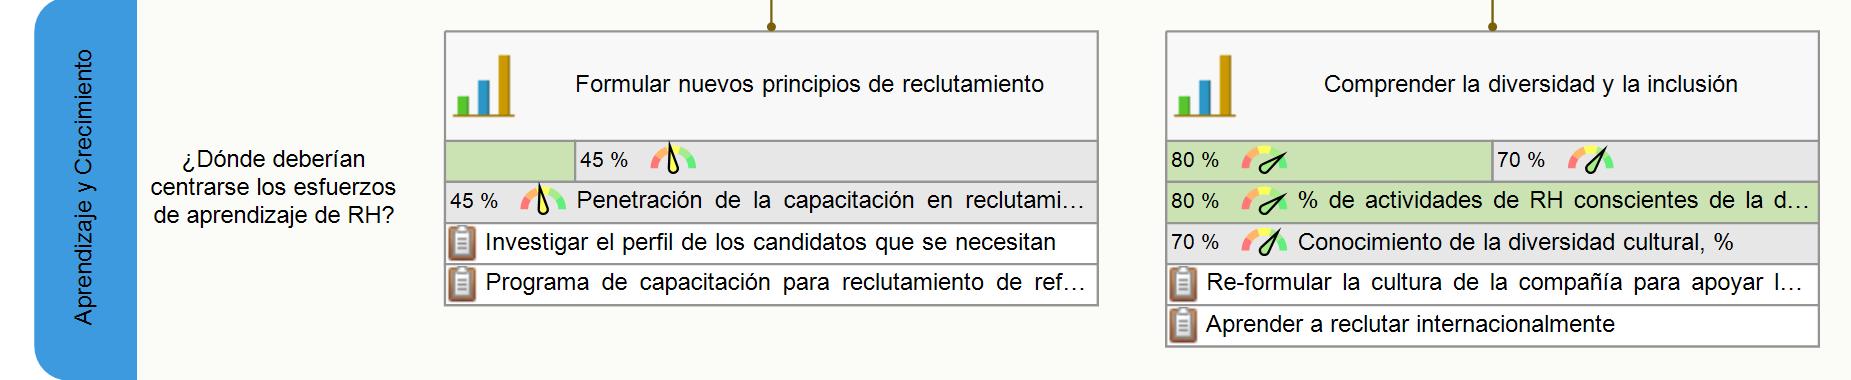 Objetivos de la perspectiva de aprendizaje de cuadro de mando para RH